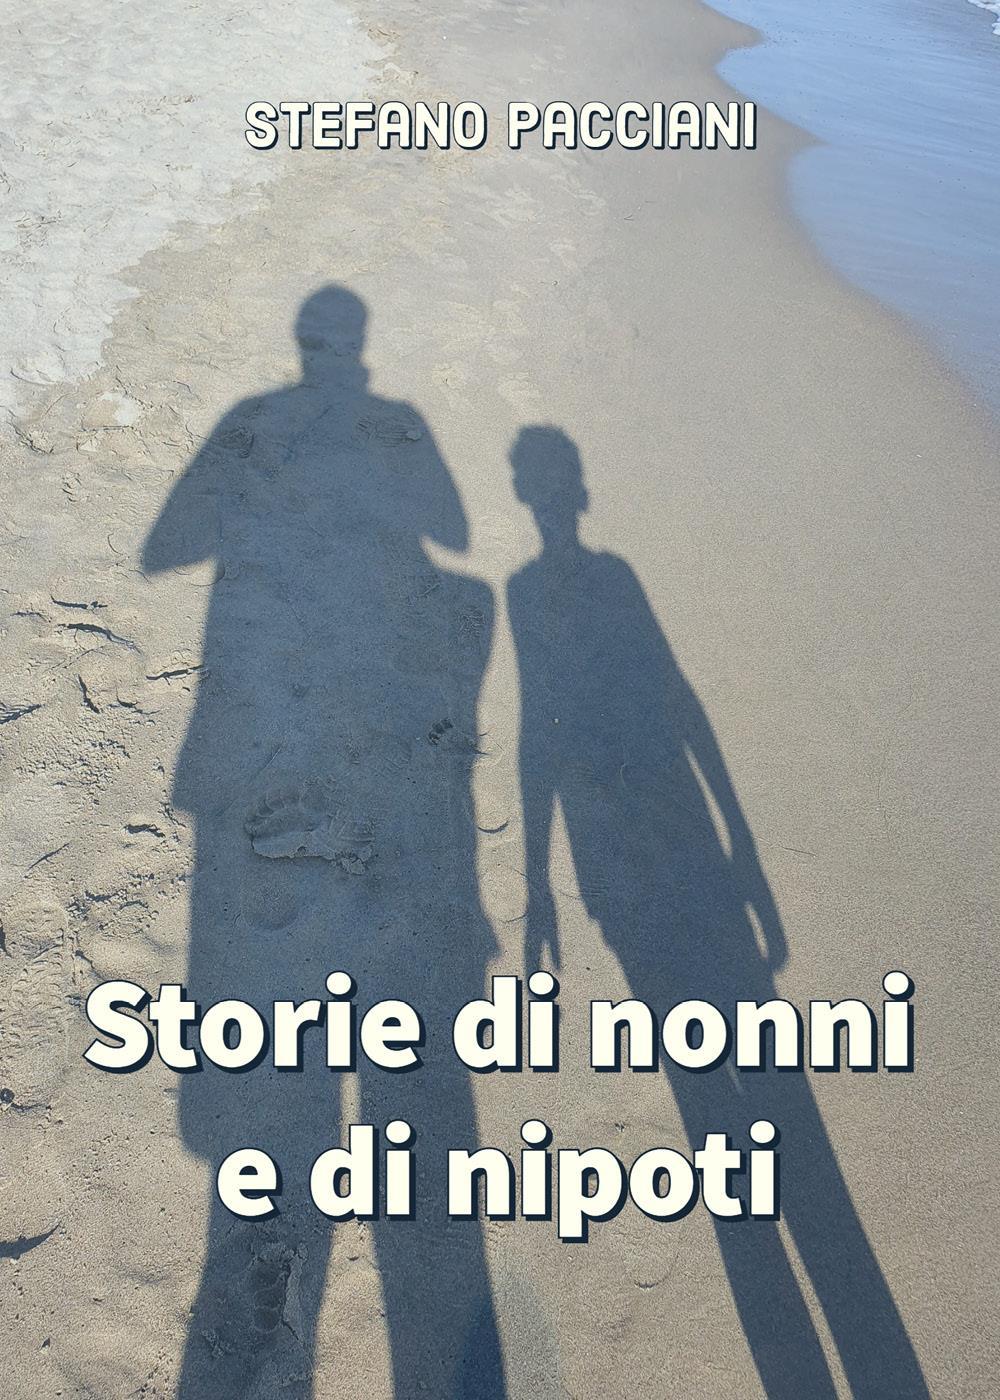 Storie di nonni e di nipoti